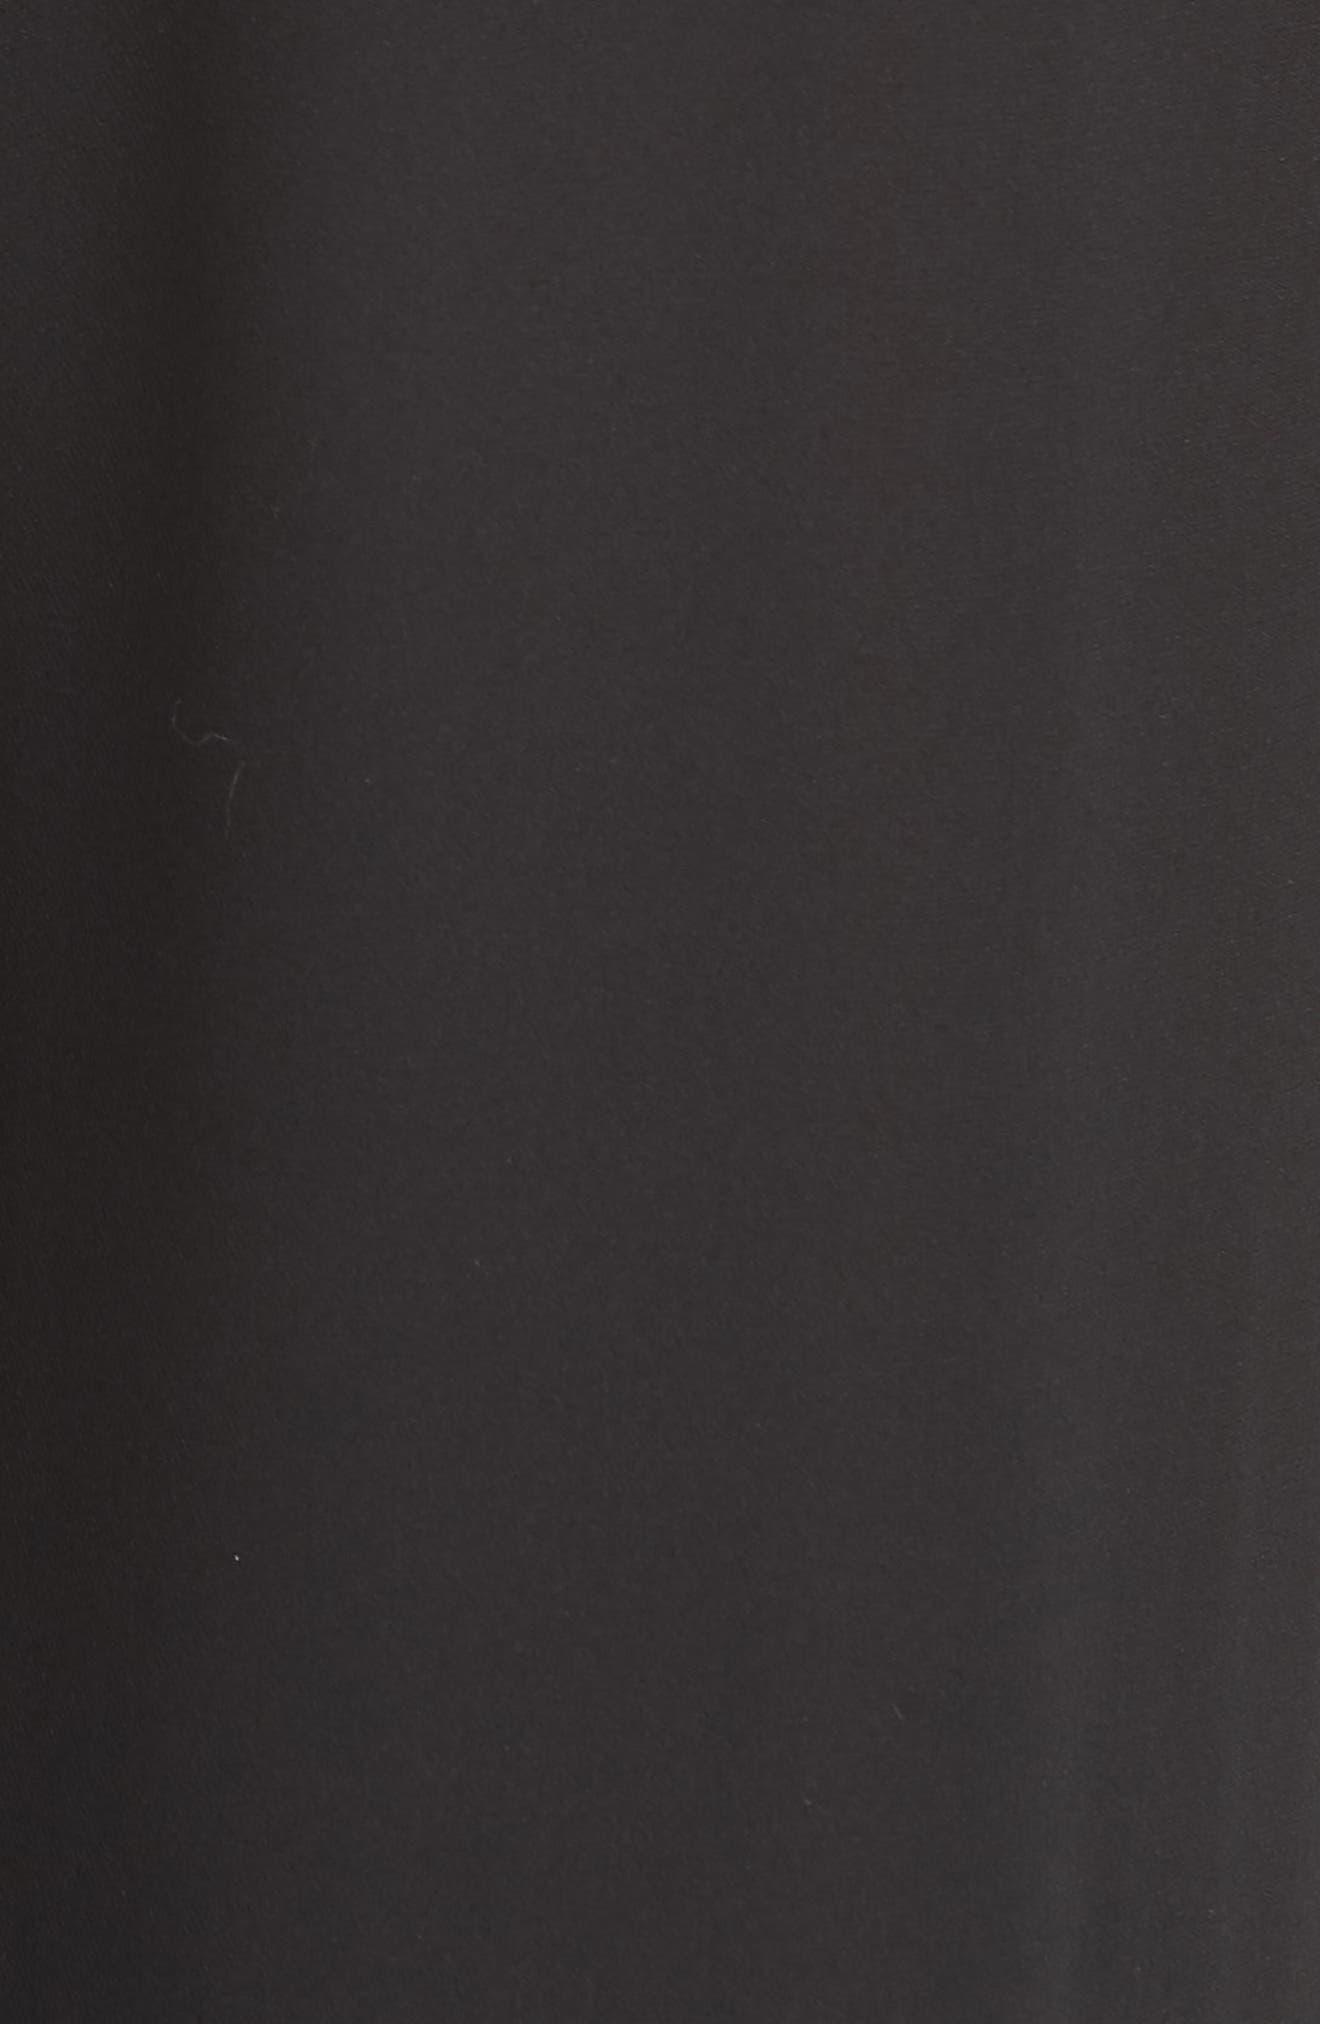 Silk Jogger Pants,                             Alternate thumbnail 5, color,                             Black